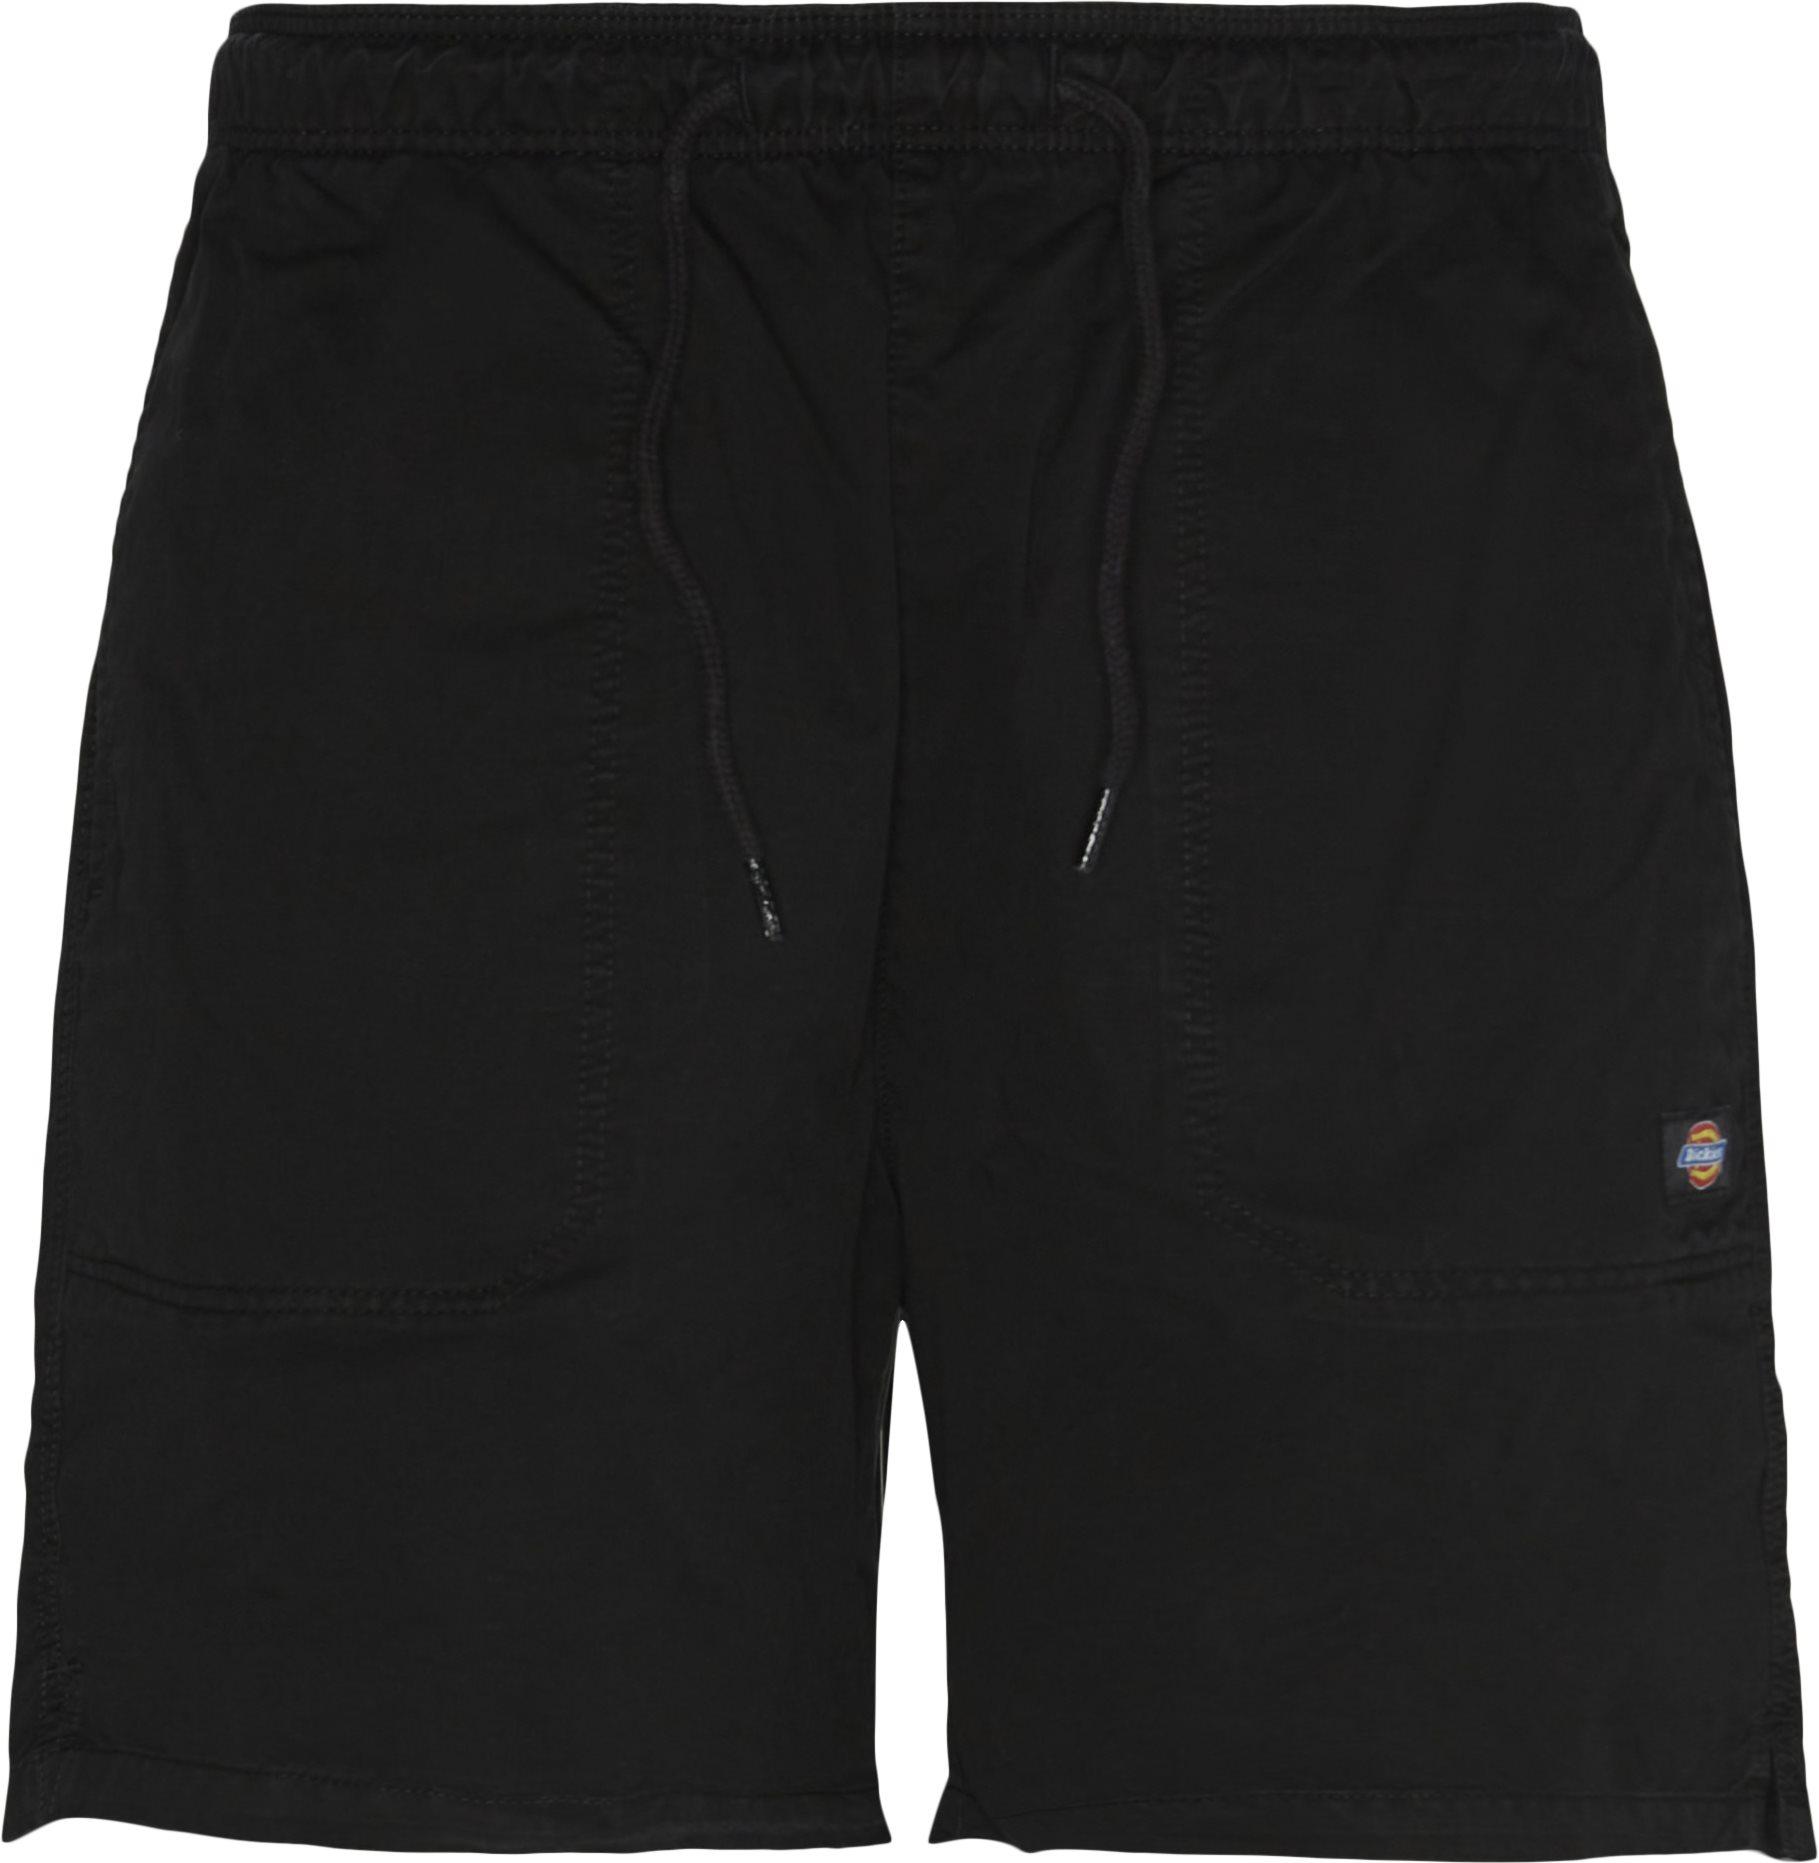 Pelican Rapids Shorts - Shorts - Loose fit - Sort